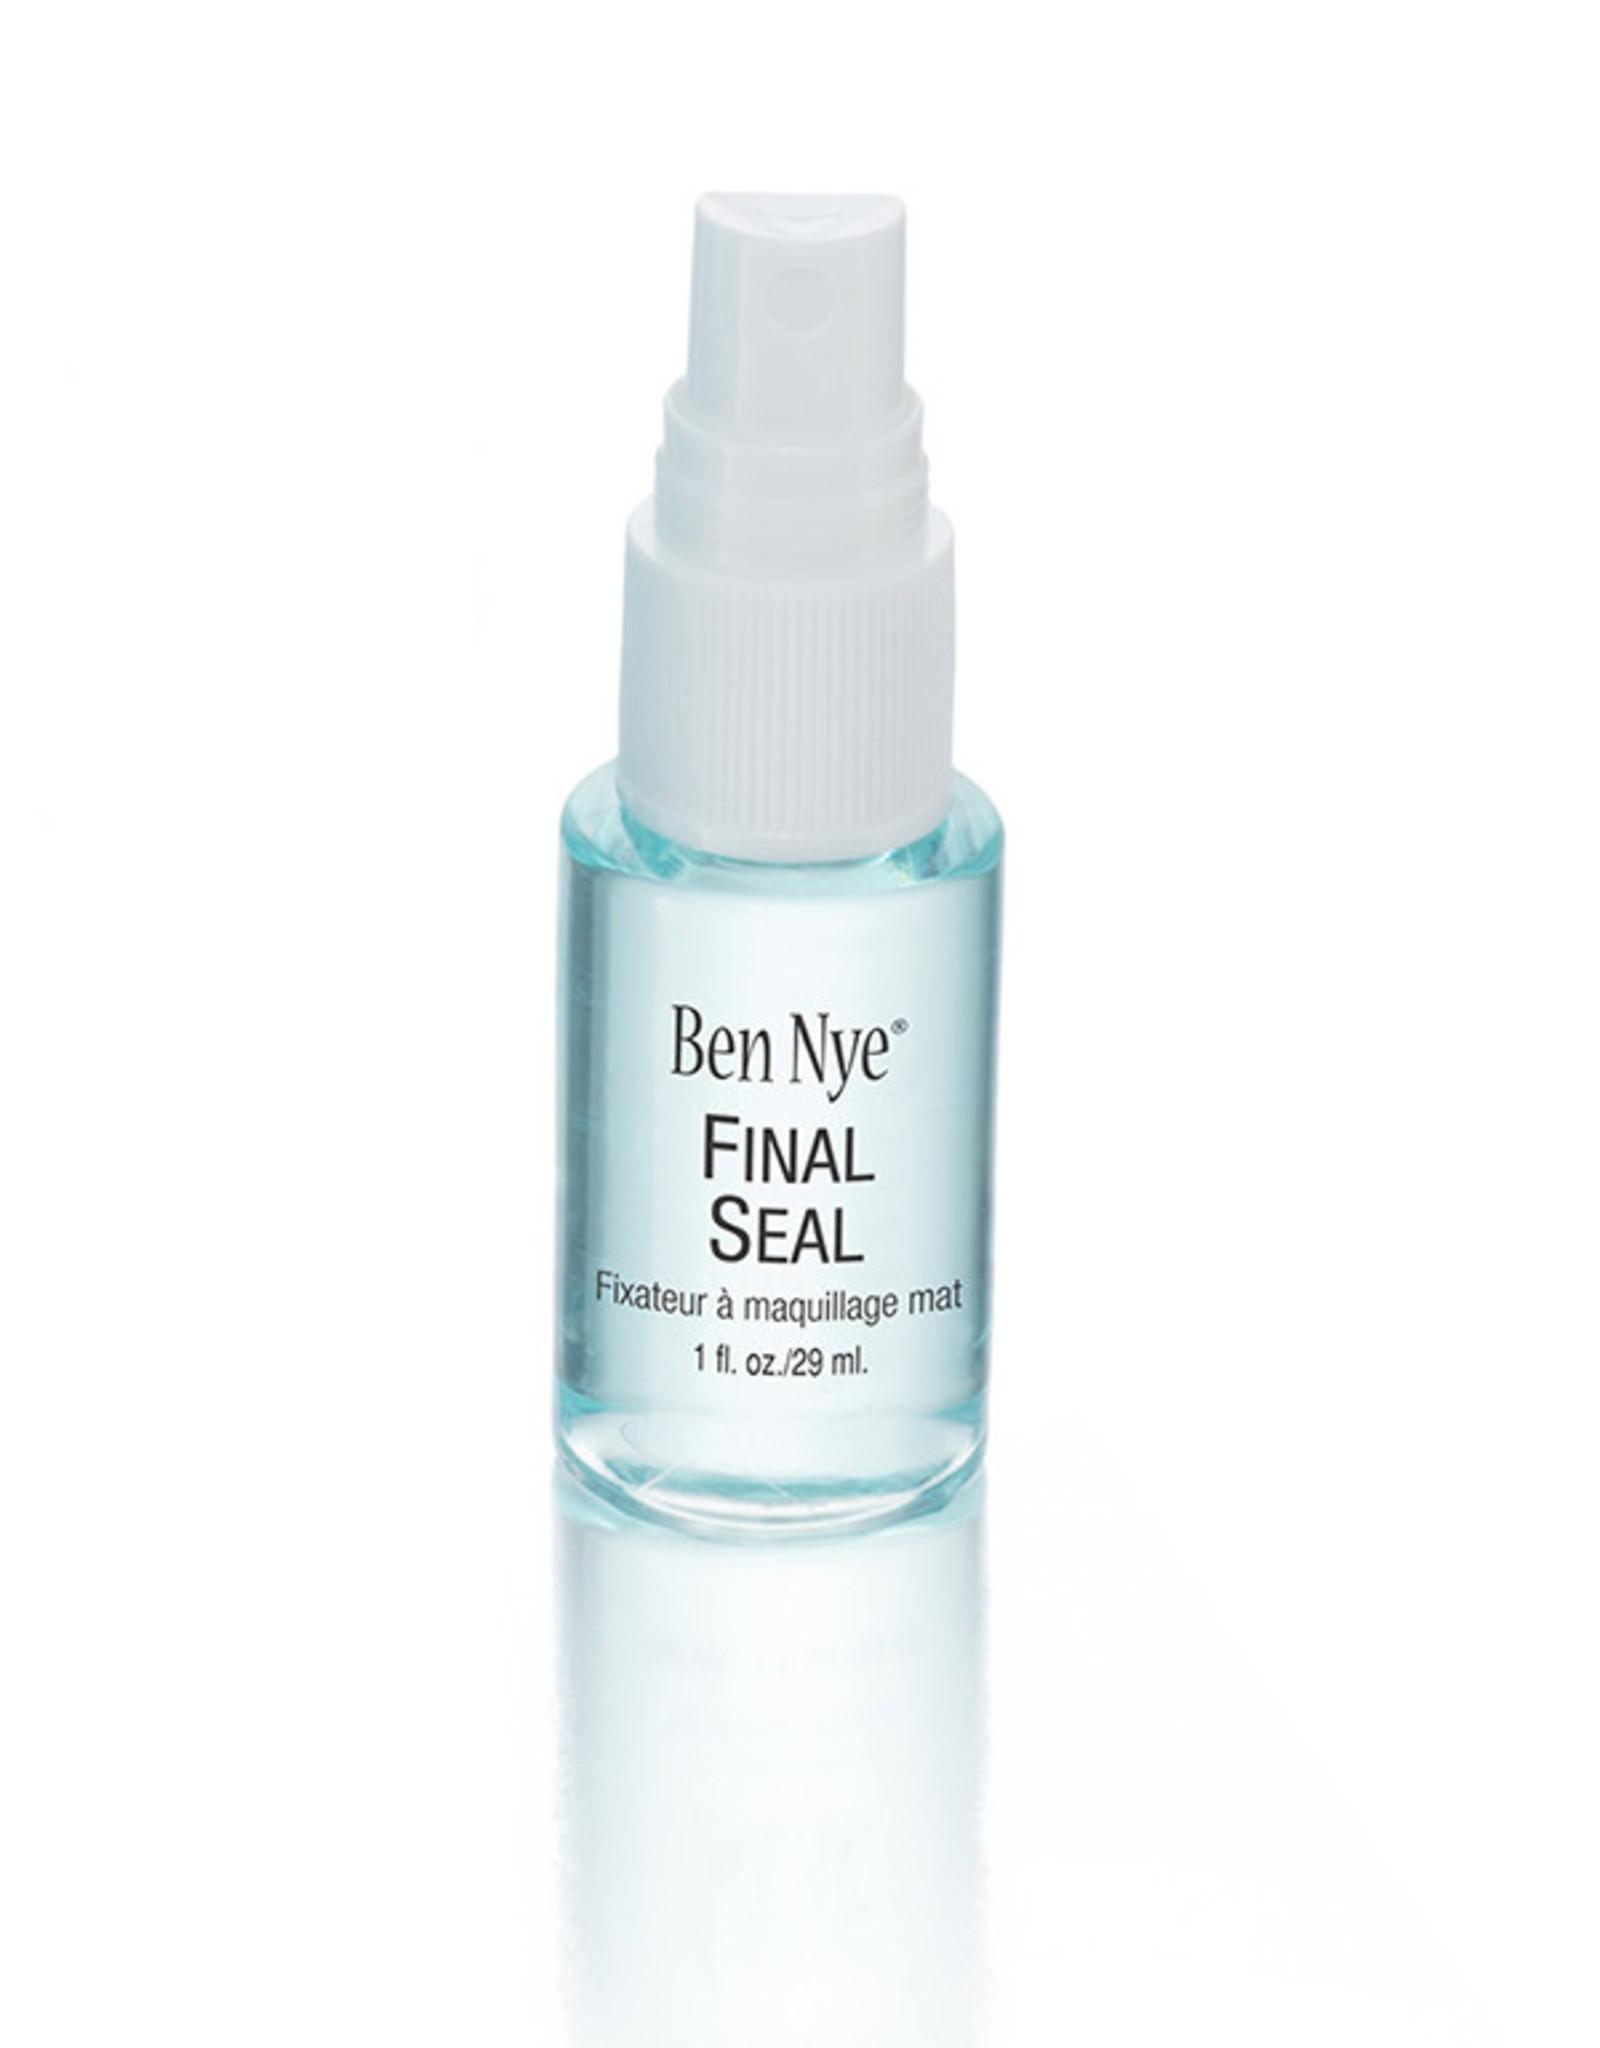 Ben Nye FINAL SEAL, 1 FL OZ